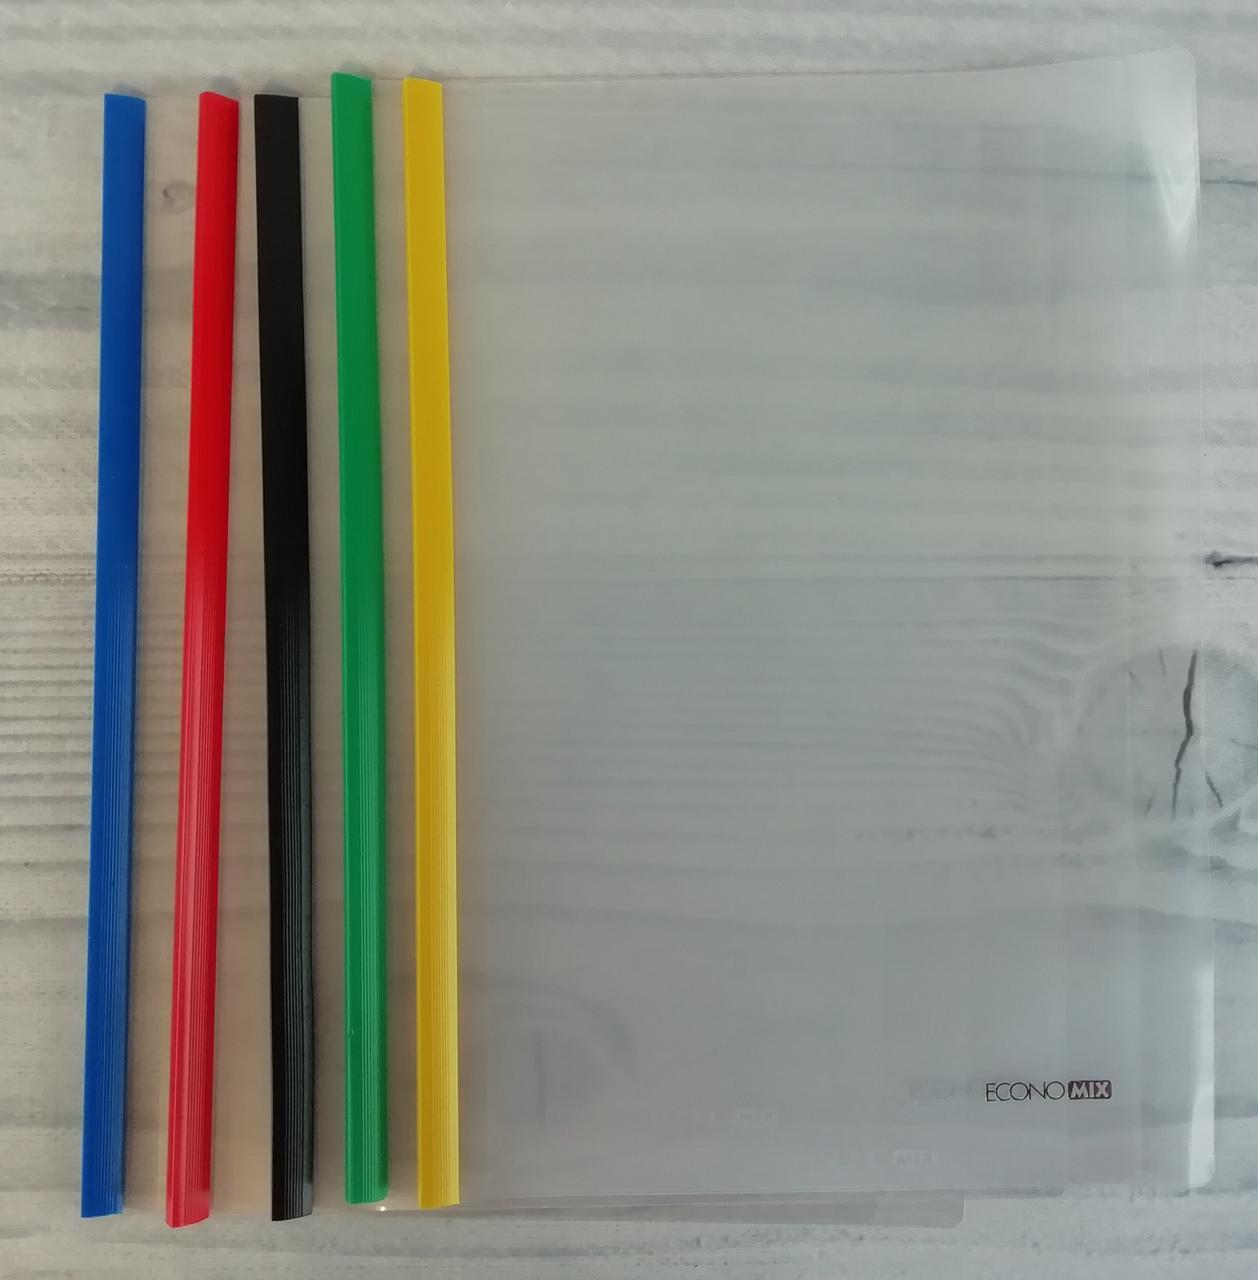 Папка с планкой А4 2-35 6мм Е31204 62668 Economix Китай